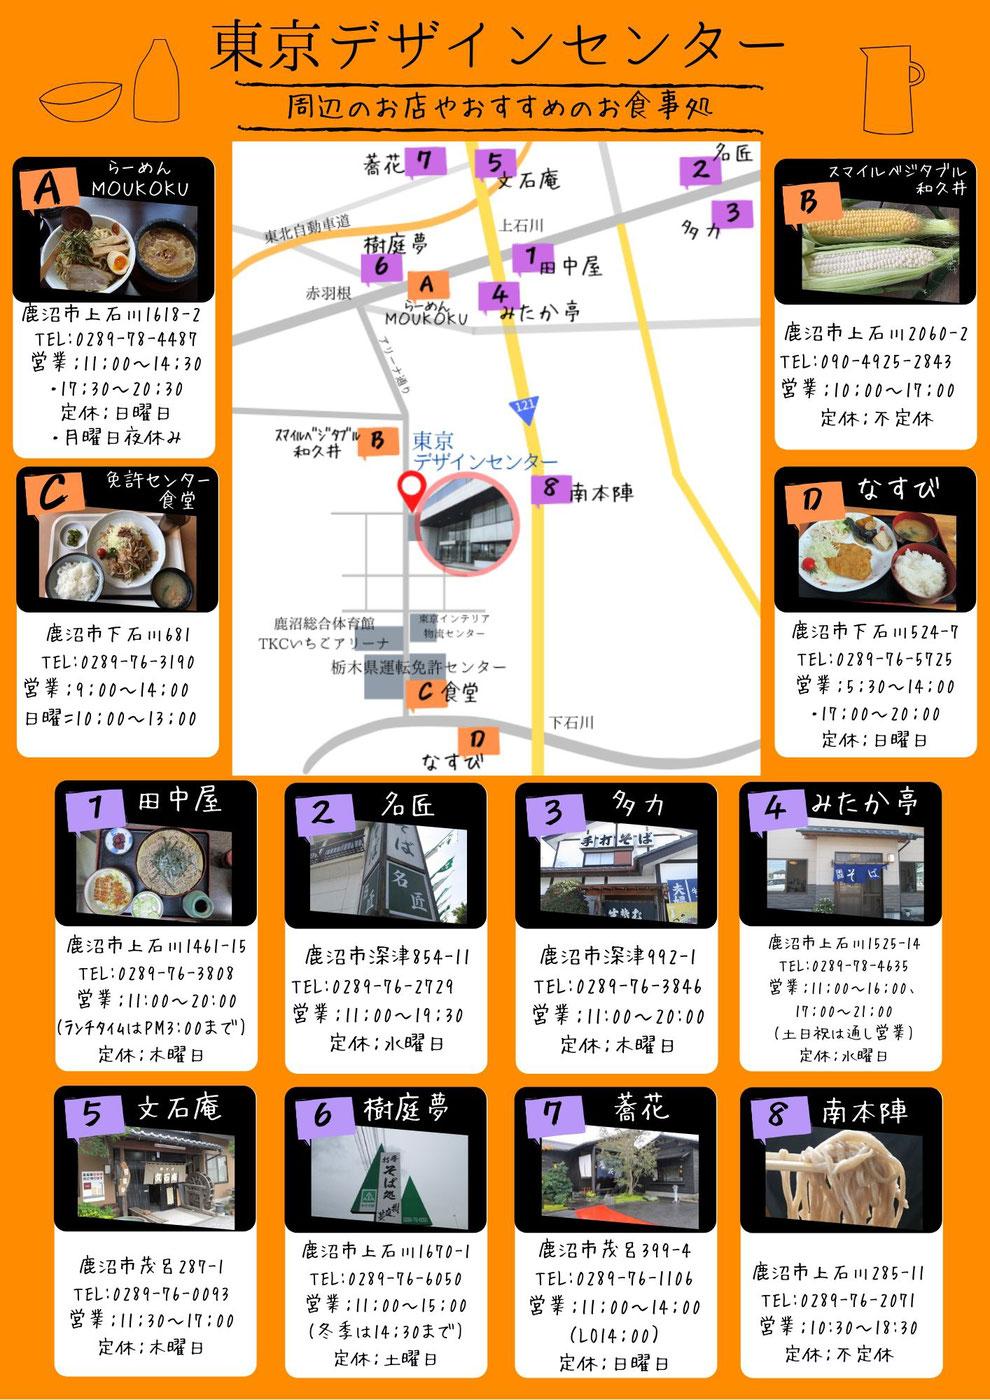 蕎麦 食堂 東京デザインセンター 栃木県家具 鹿沼市 東京インテリア